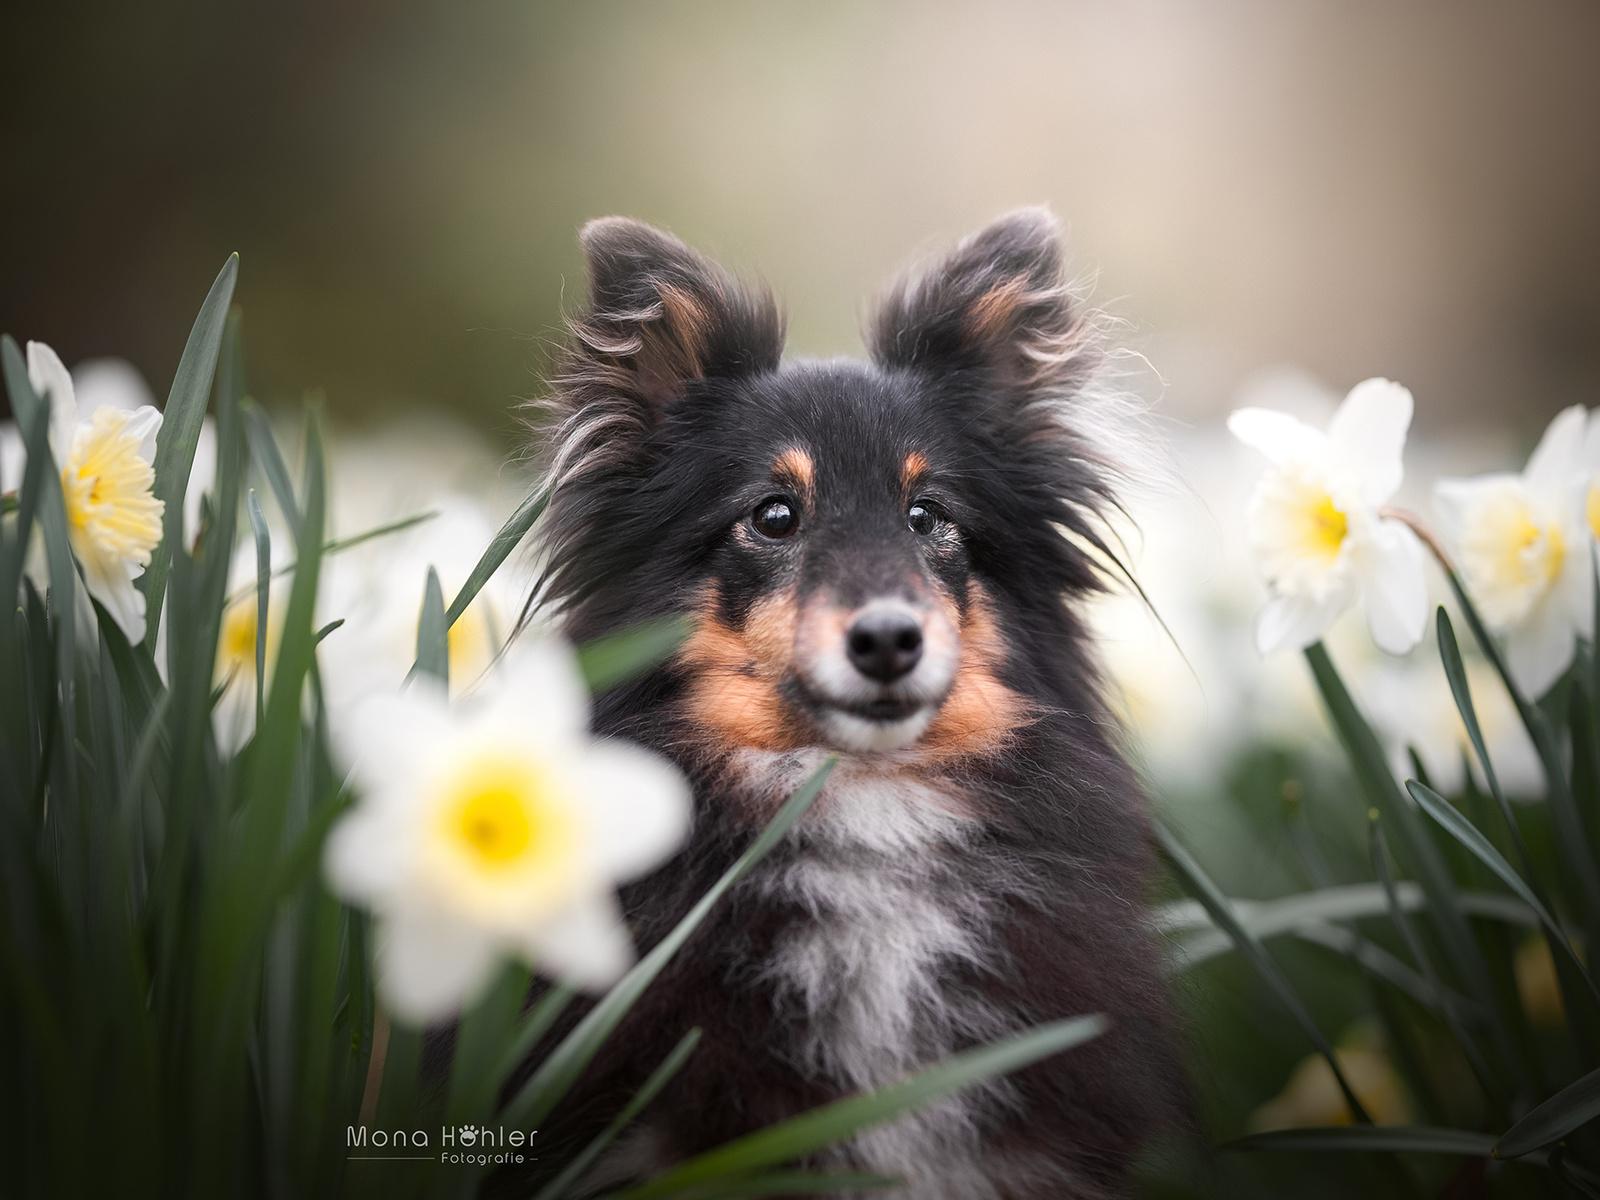 животное, собака, пёс, шелти, природа, цветы, нарциссы